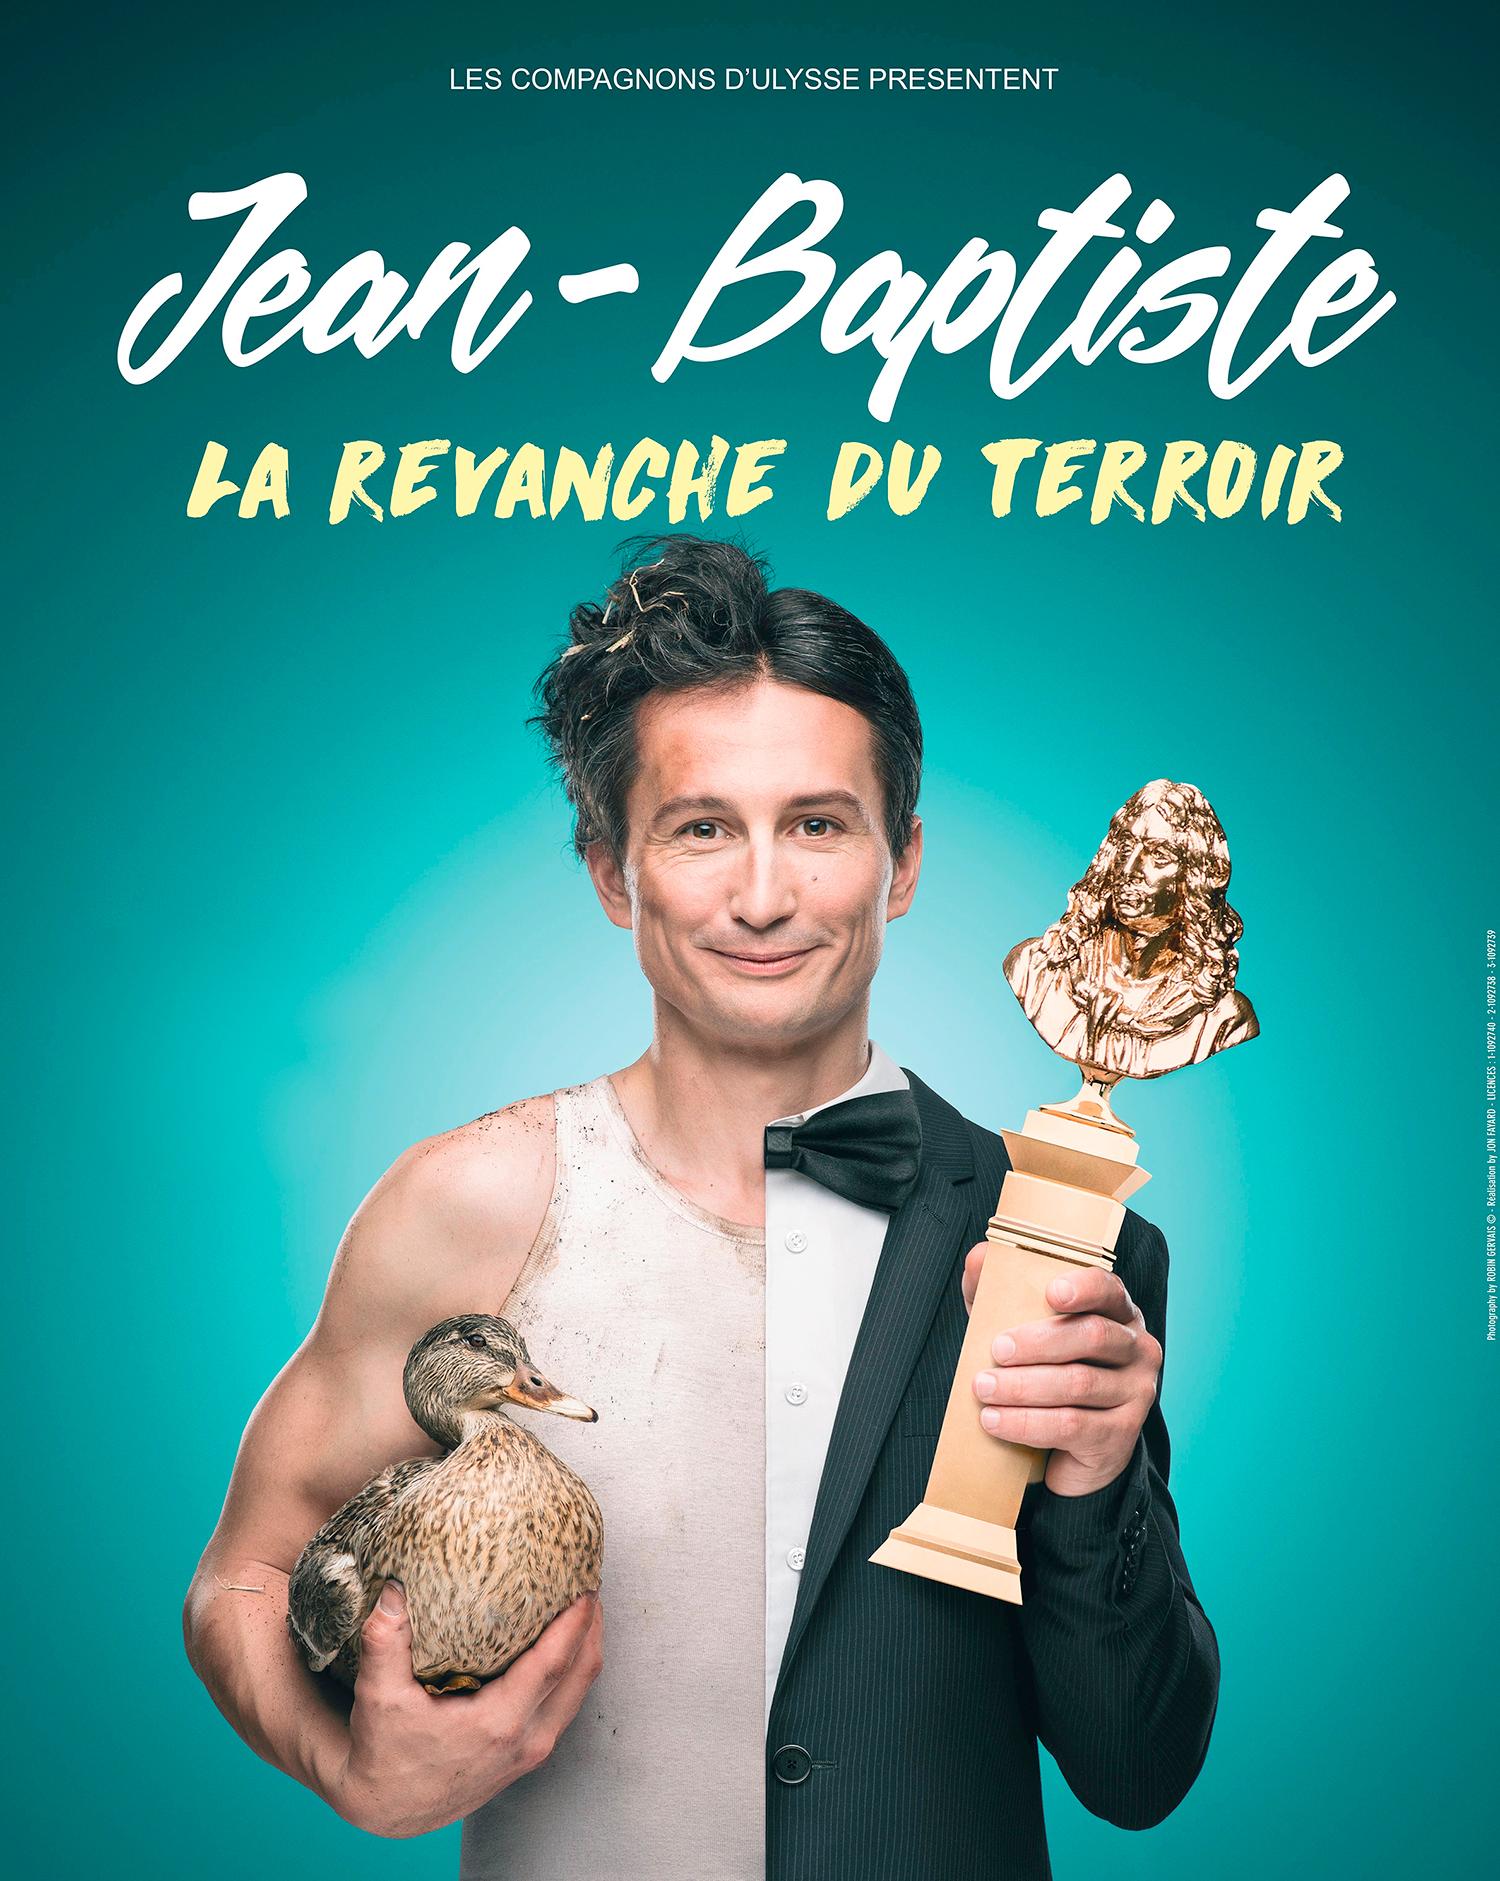 Jean-Baptiste, le 18 Janvier - Café-Théâtre le Lézard